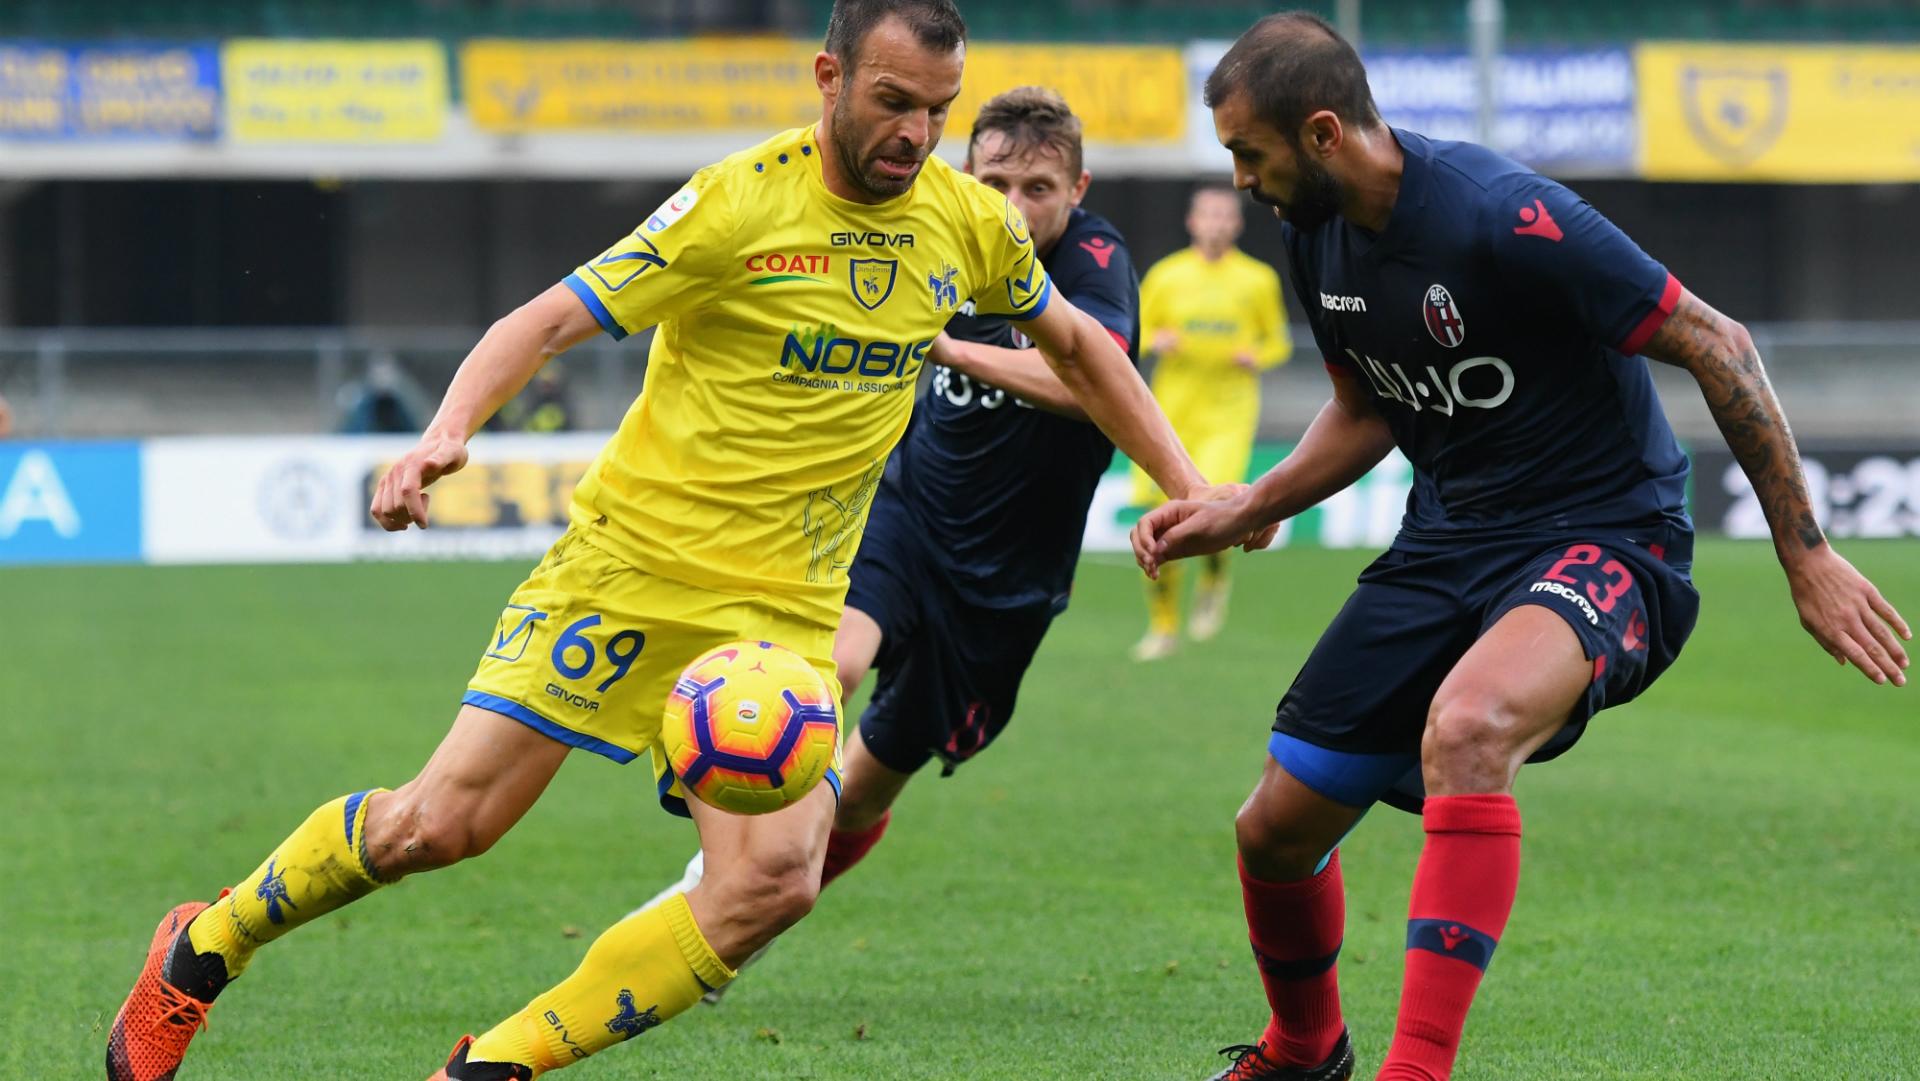 Bologna batte Chievo 3-0 e lascia il terzultimo posto